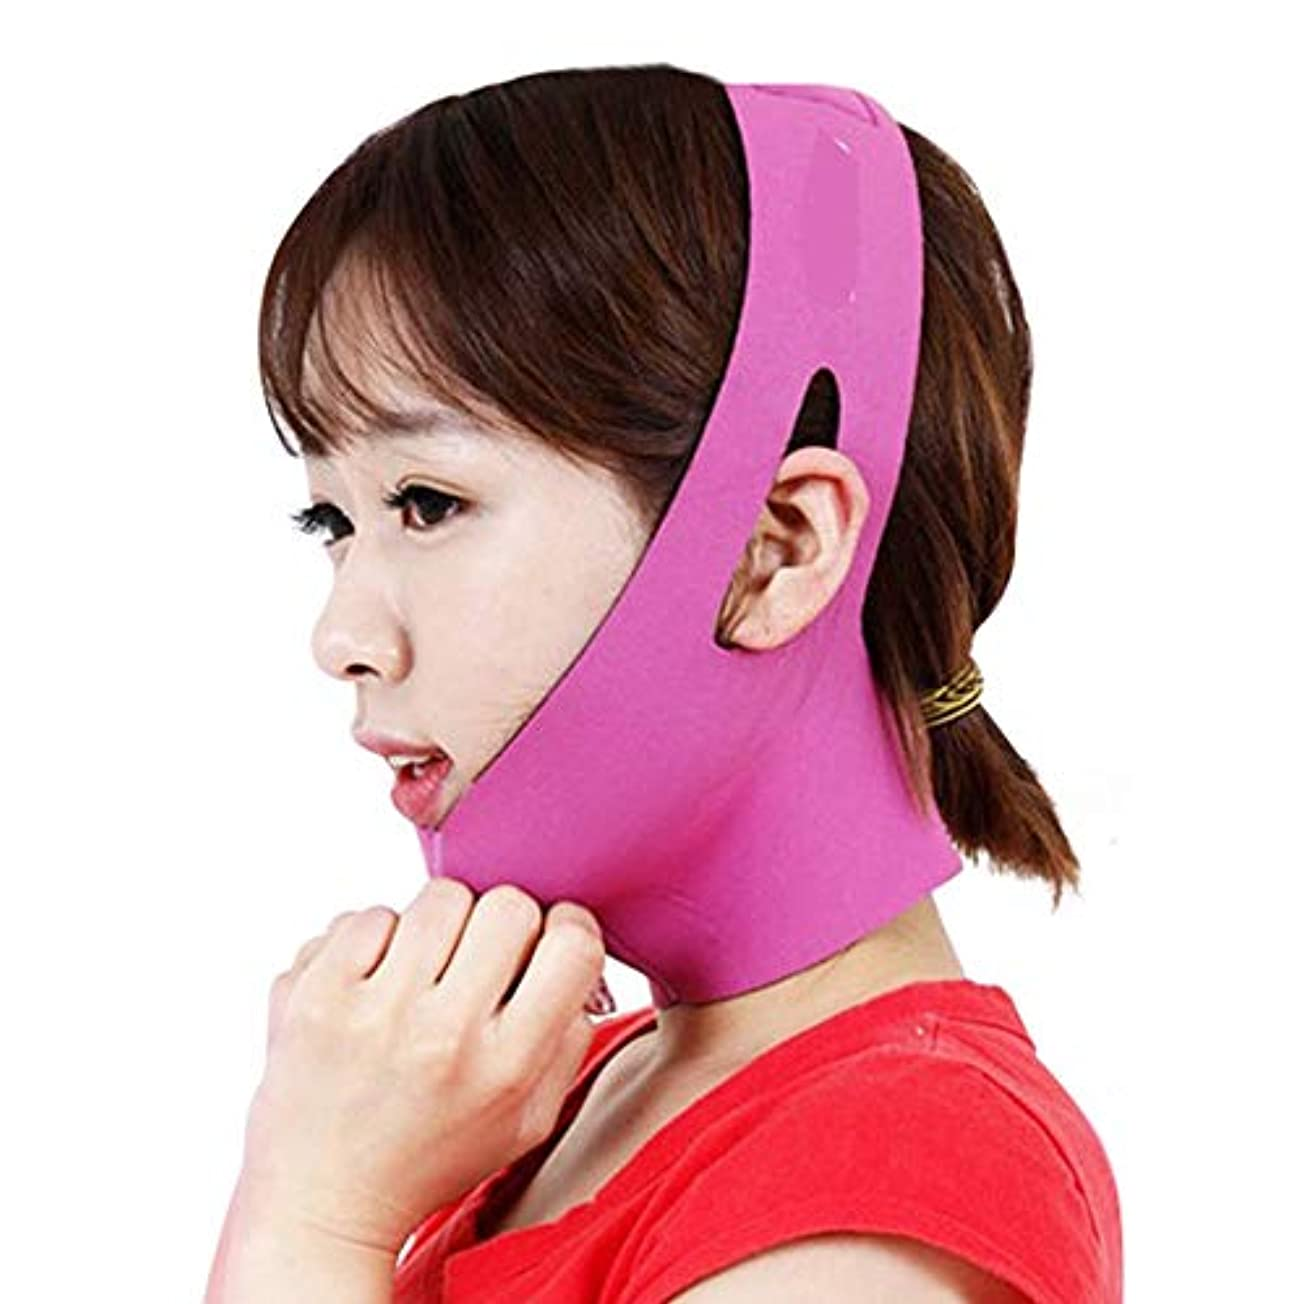 時毒液便利さMinmin フェイシャルリフティング痩身ベルト圧縮二重あご減量ベルトスキンケア薄い顔包帯二重あごワークアウト みんみんVラインフェイスマスク (Color : Pink)